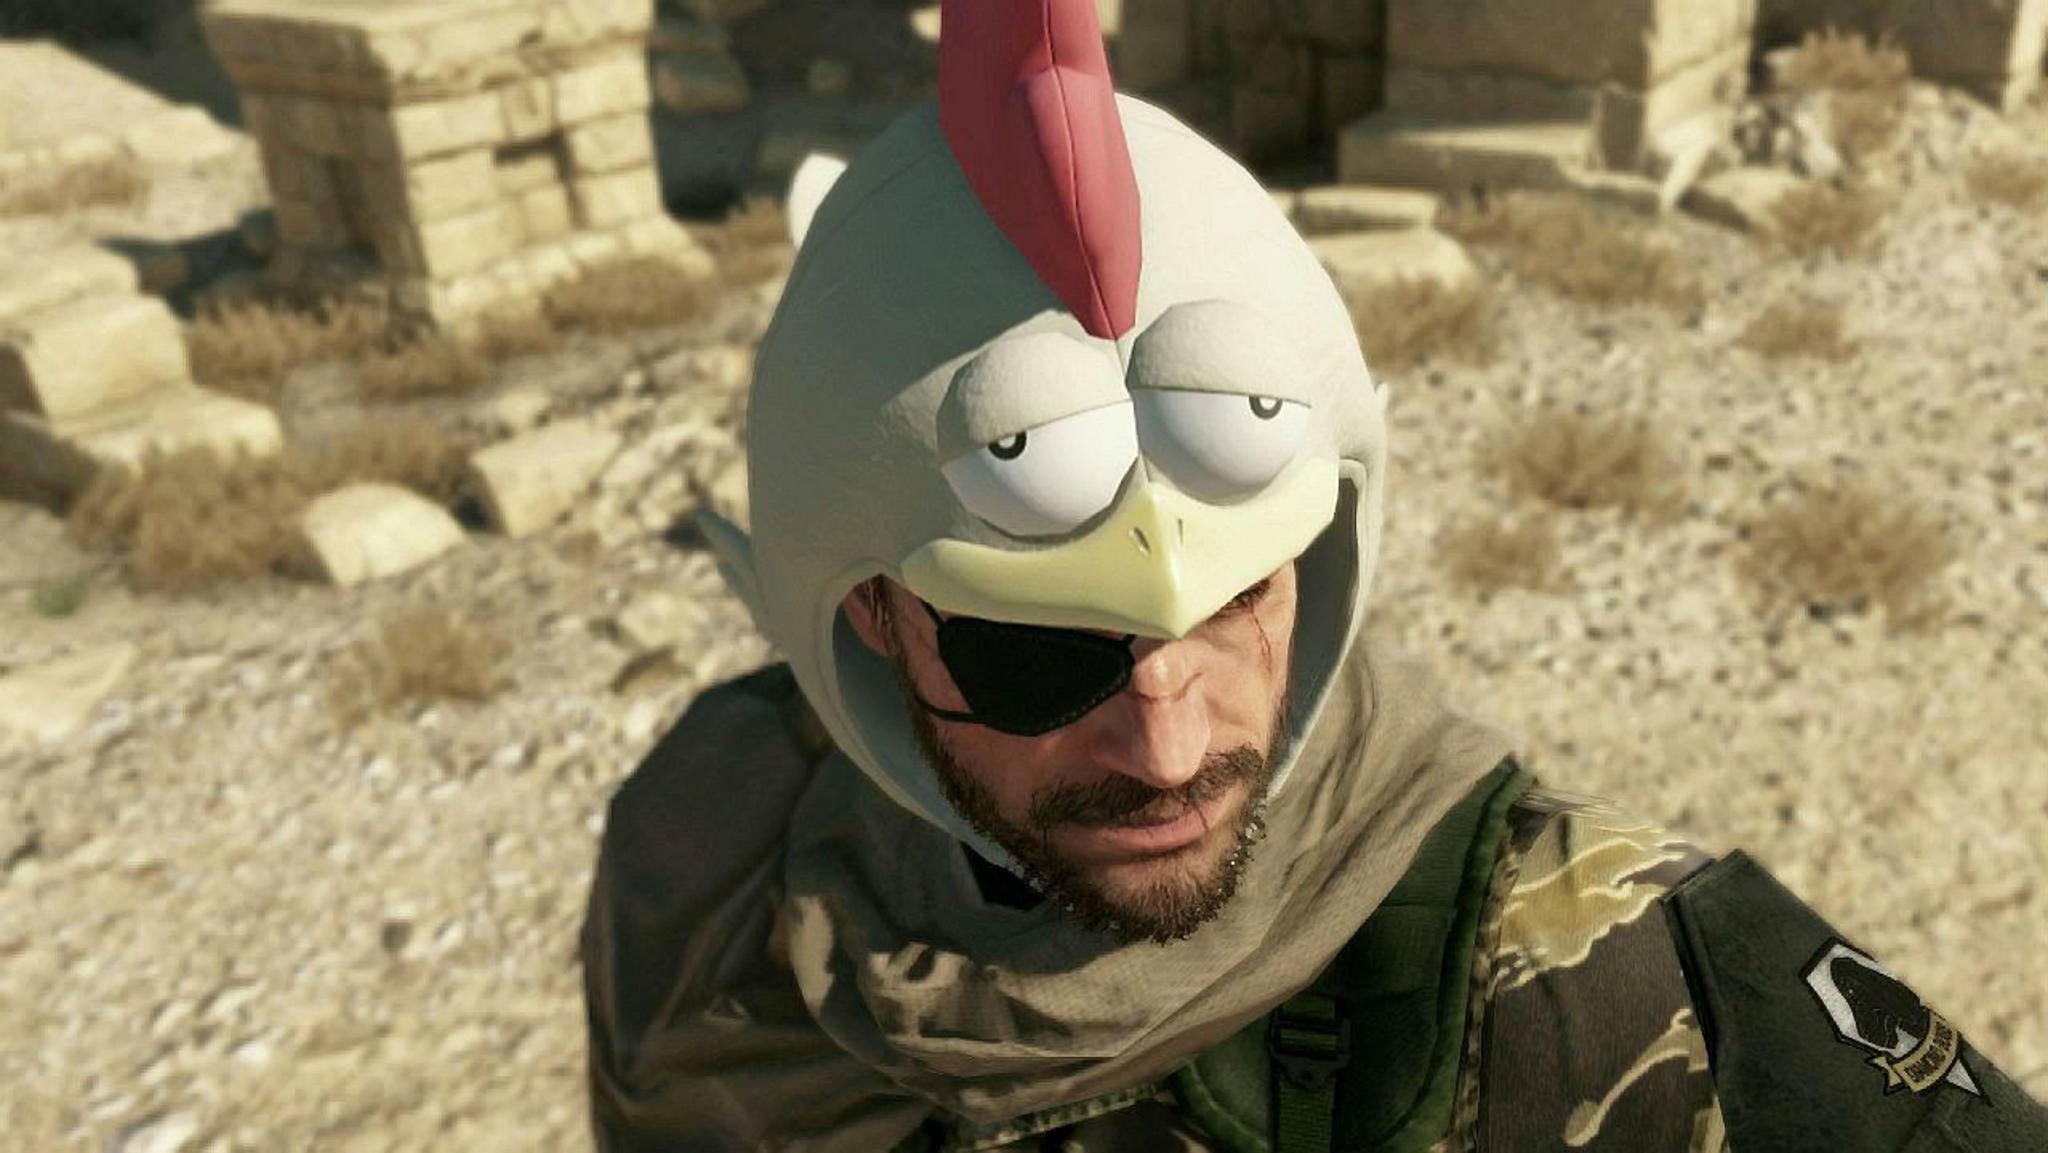 """Der Chicken Hat hilft den ungeübten Spielern bei """"Metal Gear Solid 5"""". Äußerst ruhmhaft ist er aber nicht."""